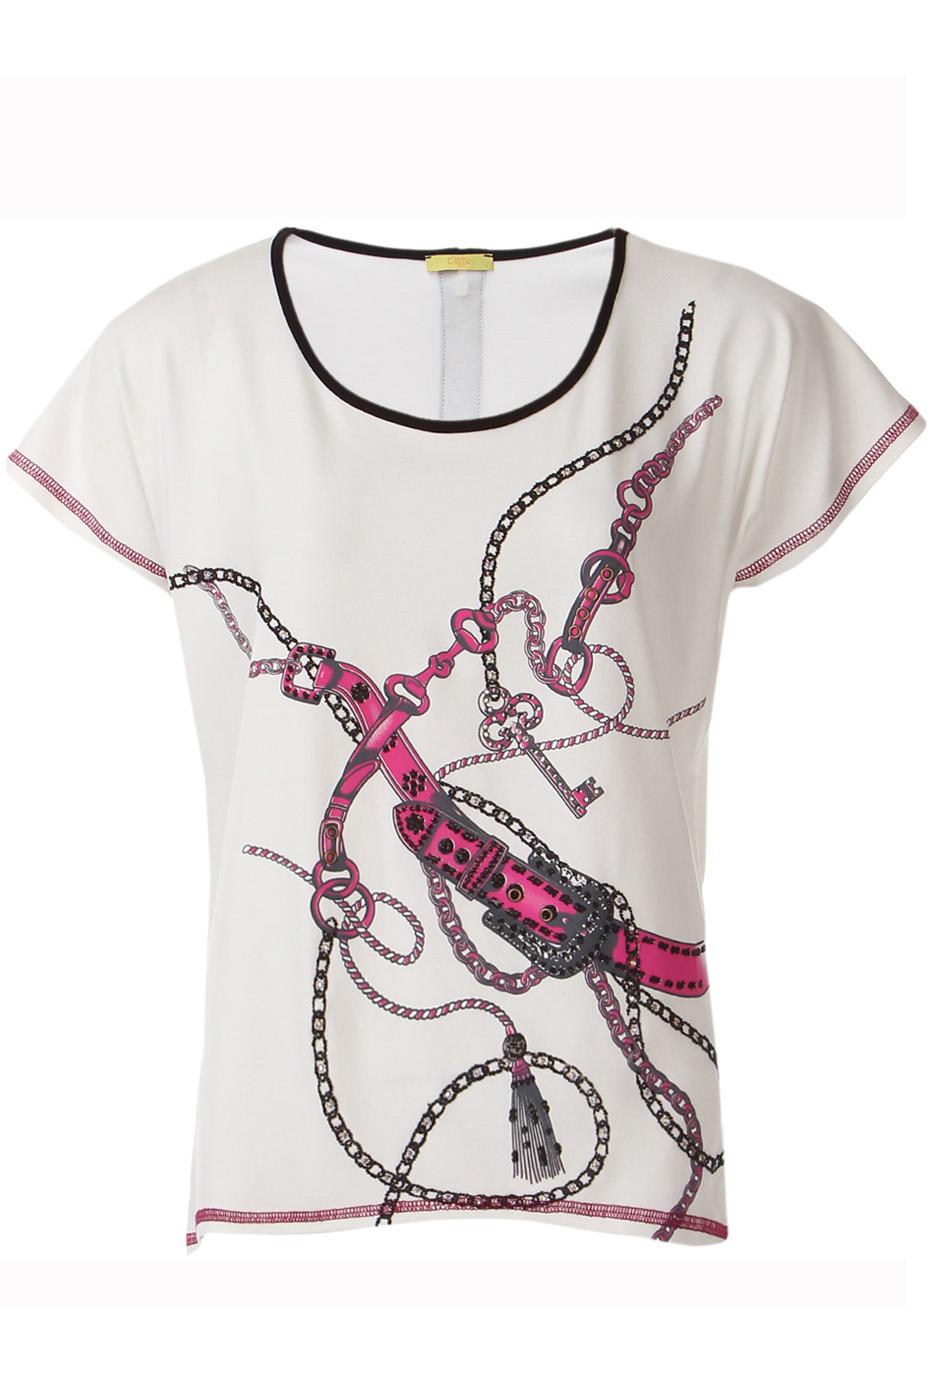 ФутболкаФутболки<br>Оригинальная футболка украшена модным принтом. Отлично смотрится в комбинации с любыми узкими брюками или юбками Короткий рукав и округлый вырез горловины.  Цвет: белый, розовый, серый  Ростовка изделия 170 см.  Парметры изделия: 40 размер - обхват груди 74-77 см., обхват талии 60-62 см. 42 размер - обхват груди 78-81 см., обхват талии 63-65 см. 44 размер - обхват груди 82-85 см., обхват талии 66-69 см. 46 размер - обхват груди 86-89 см., обхват талии 70-73 см. 48 размер - обхват груди 90-93 см., обхват талии 74-77 см. 50 размер - обхват груди 94-97 см., обхват талии 78-81 см. 52 размер - обхват груди 98-102 см., обхват талии 82-86 см. 54 размер - обхват груди 103-107 см., обхват талии 87-91 см. 56 размер - обхват груди 108-113 см., обхват талии 92-96 см. 58/60 размер - обхват груди 114-119 см., обхват талии 97-102 см. 62 размер - обхват груди 120-125 см., обхват талии 103-108 см.<br><br>Горловина: С- горловина<br>По материалу: Вискоза,Трикотаж<br>По рисунку: С принтом,Цветные<br>По сезону: Весна,Всесезон,Зима,Лето,Осень<br>По силуэту: Полуприталенные<br>По стилю: Повседневный стиль,Летний стиль<br>По элементам: С молнией<br>Рукав: Короткий рукав<br>Размер : 48,50<br>Материал: Вискоза<br>Количество в наличии: 2